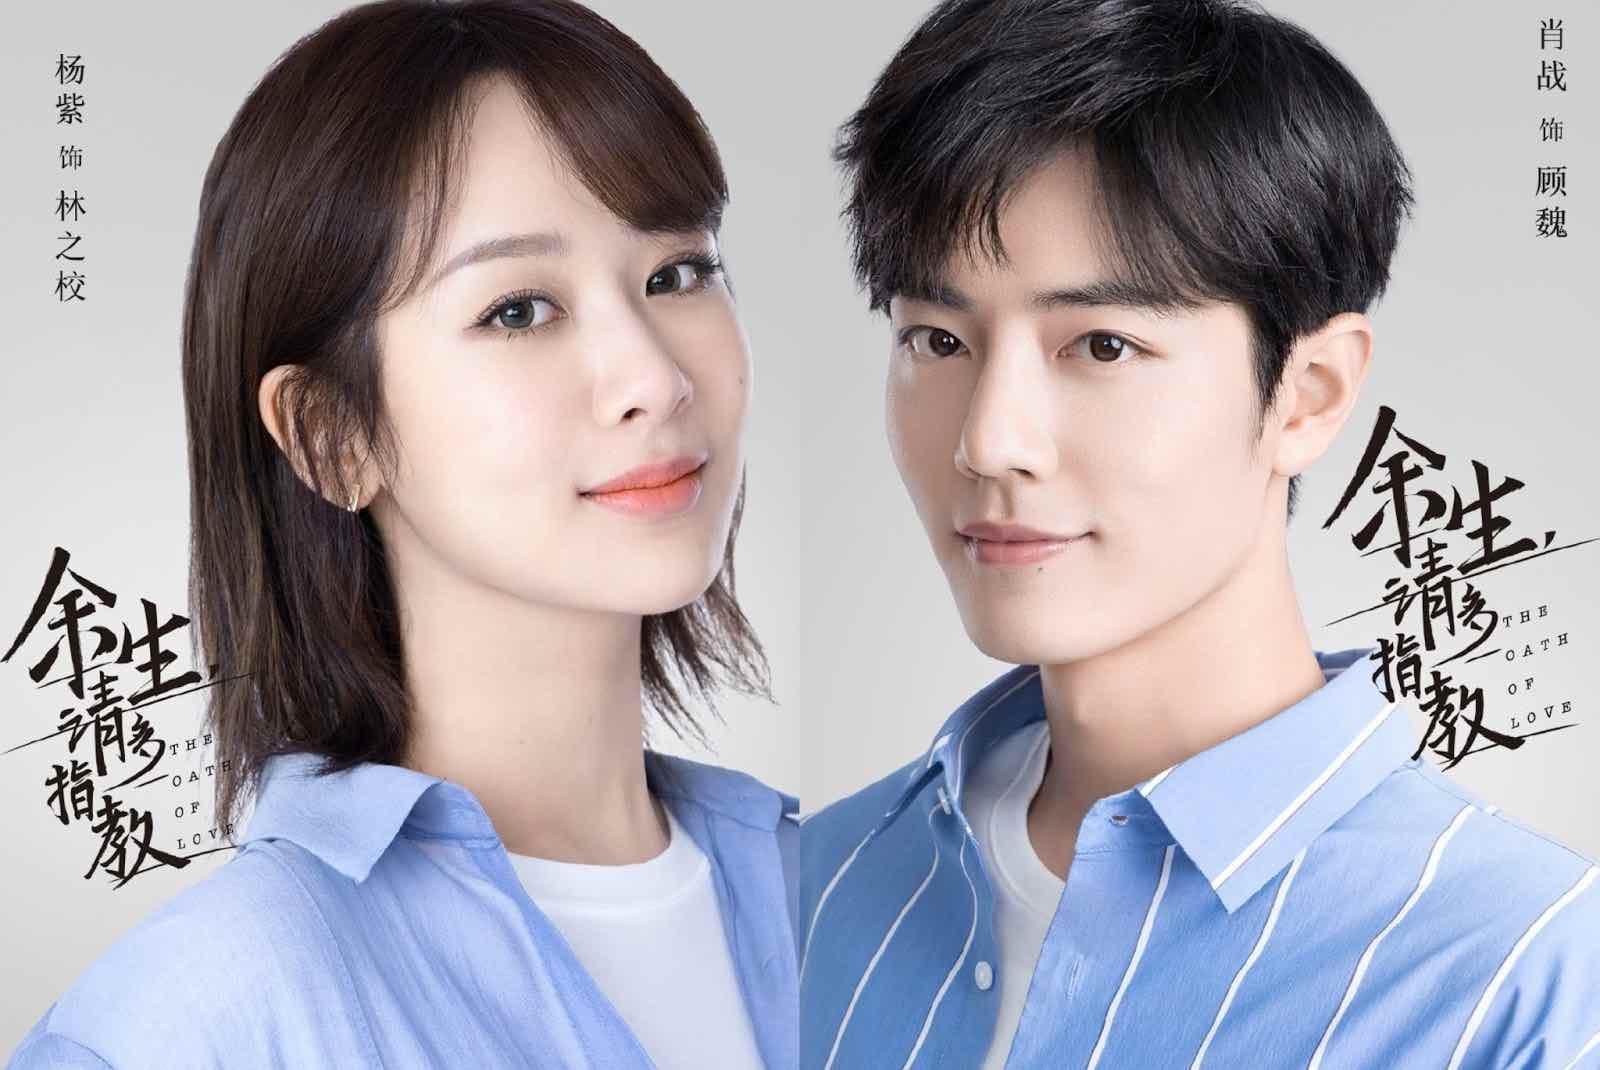 Rekomendasi Drama China Romance tentang Dokter 5